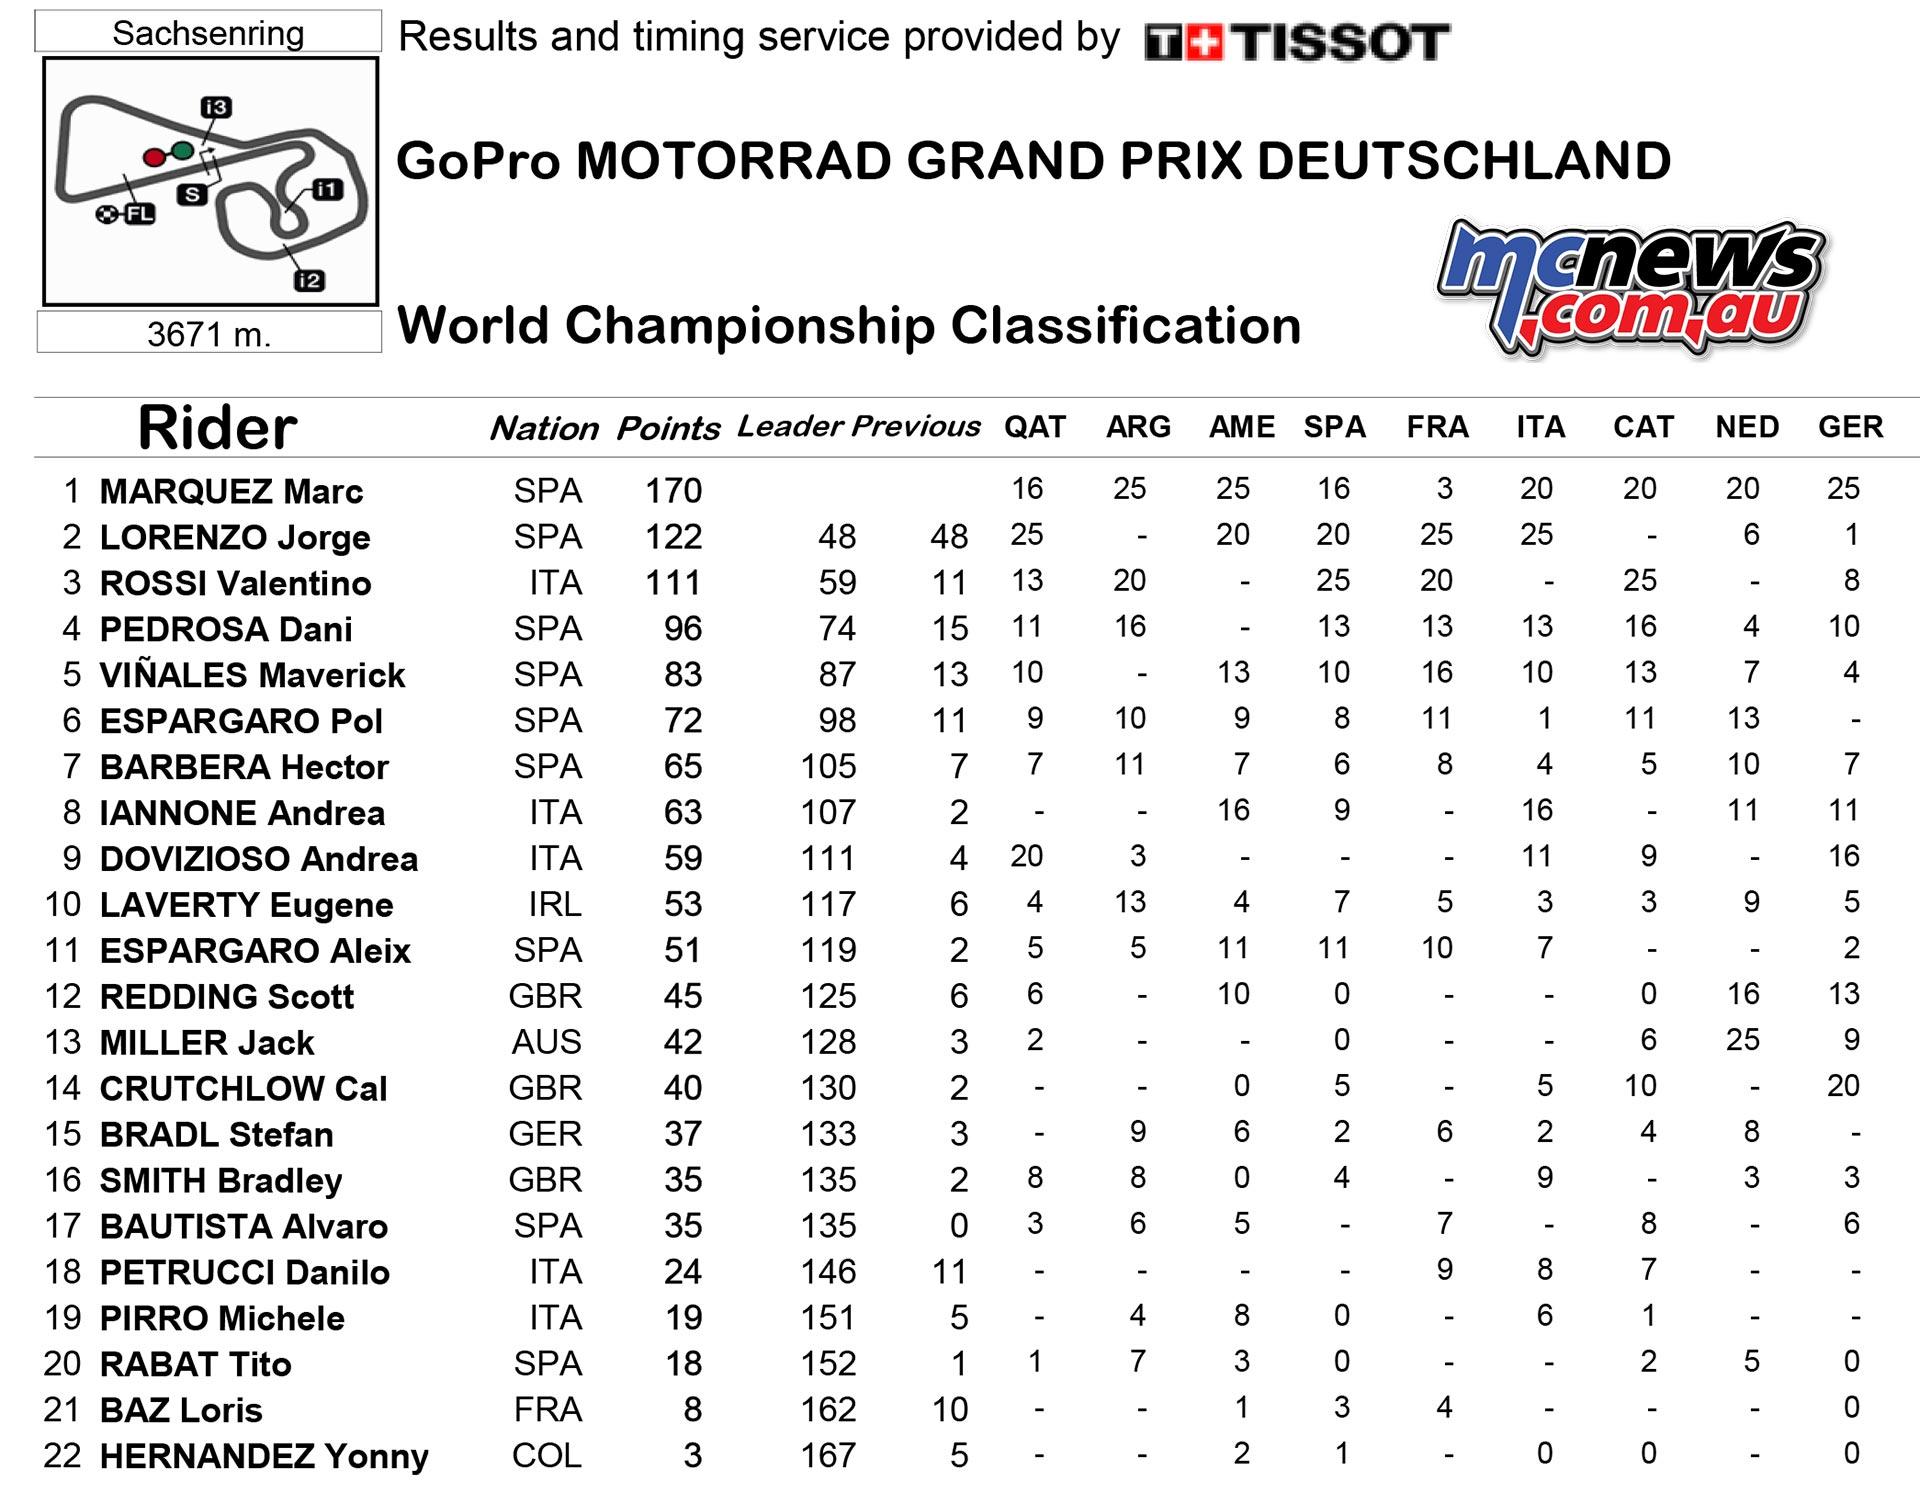 Jack Miller seventh at wet Sachsenring MotoGP   MCNews.com.au